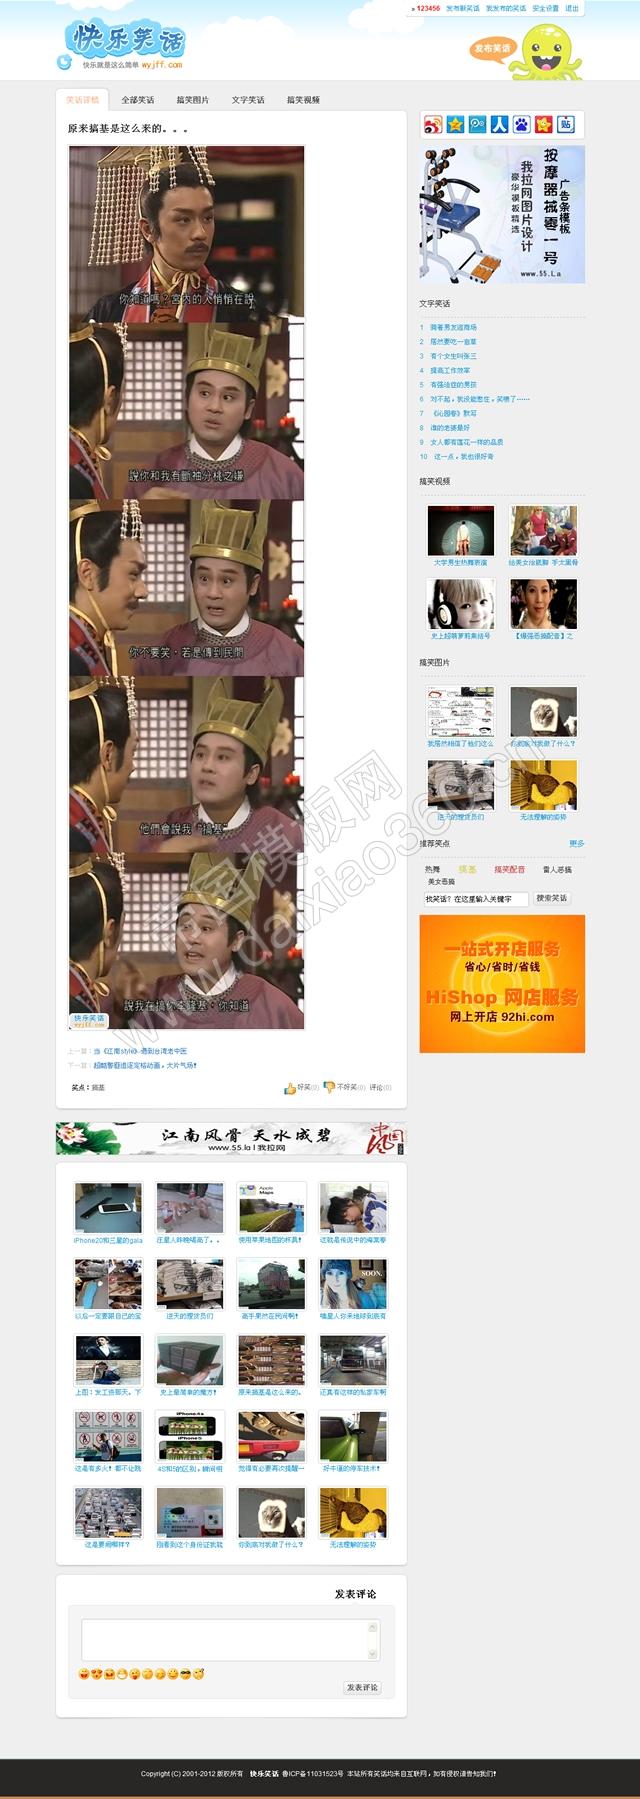 帝国cms笑话搞笑图片视频网站程序源码模板_内页